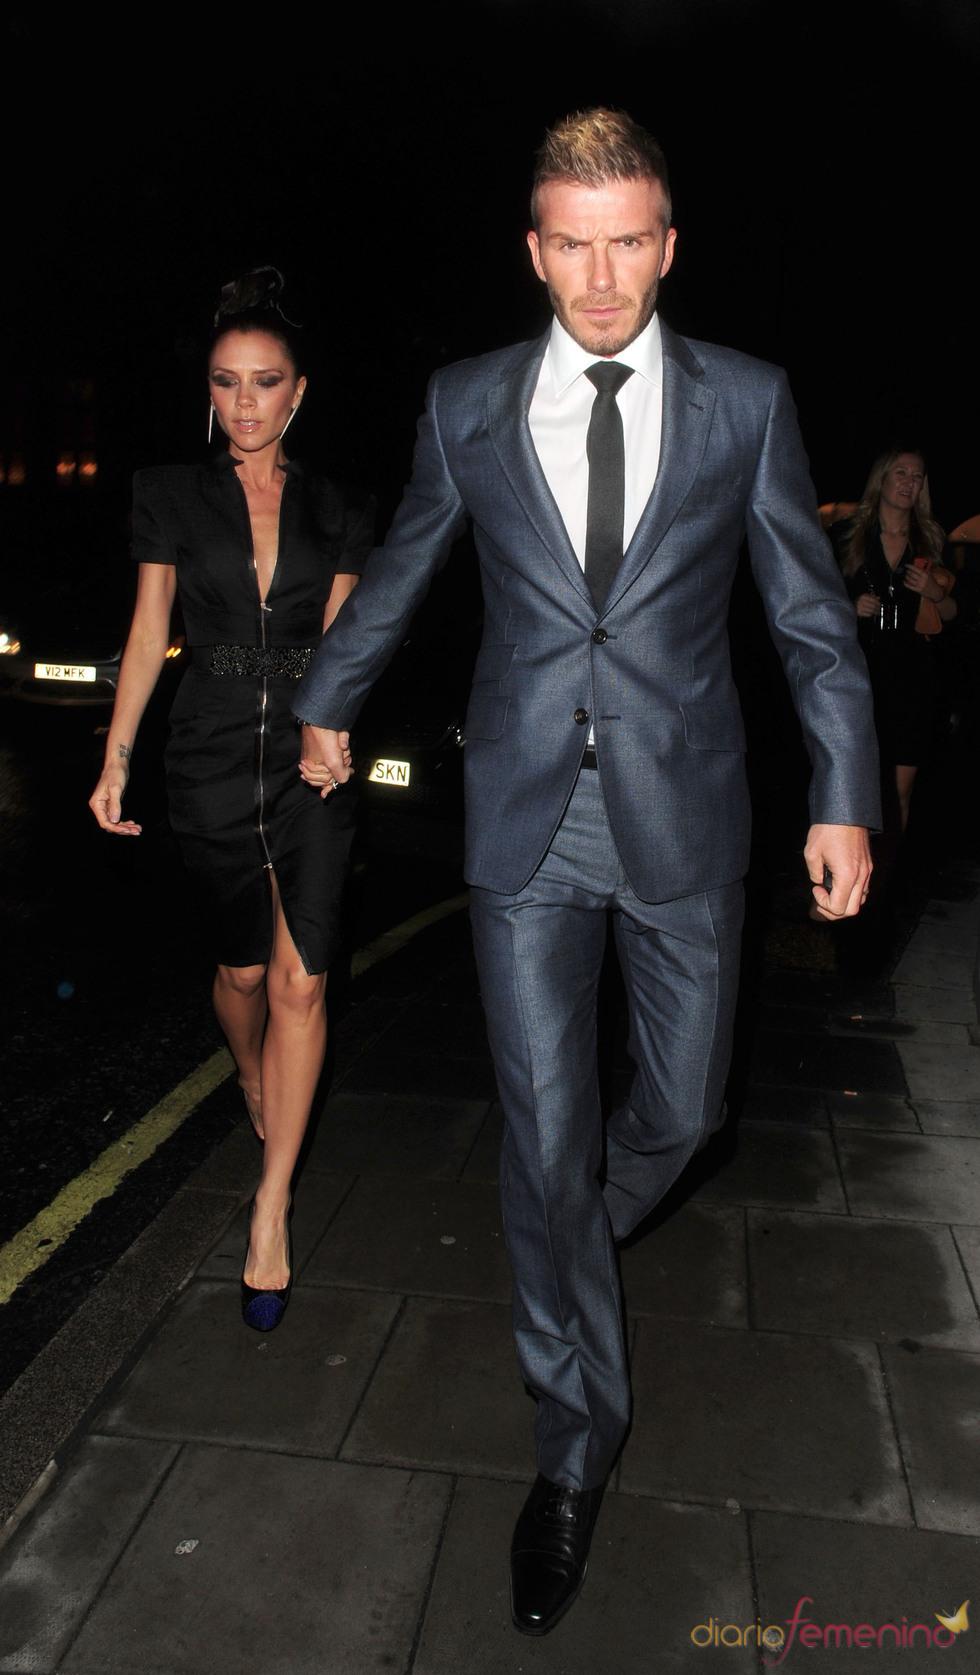 David y Vitoria Beckham con look nocturno